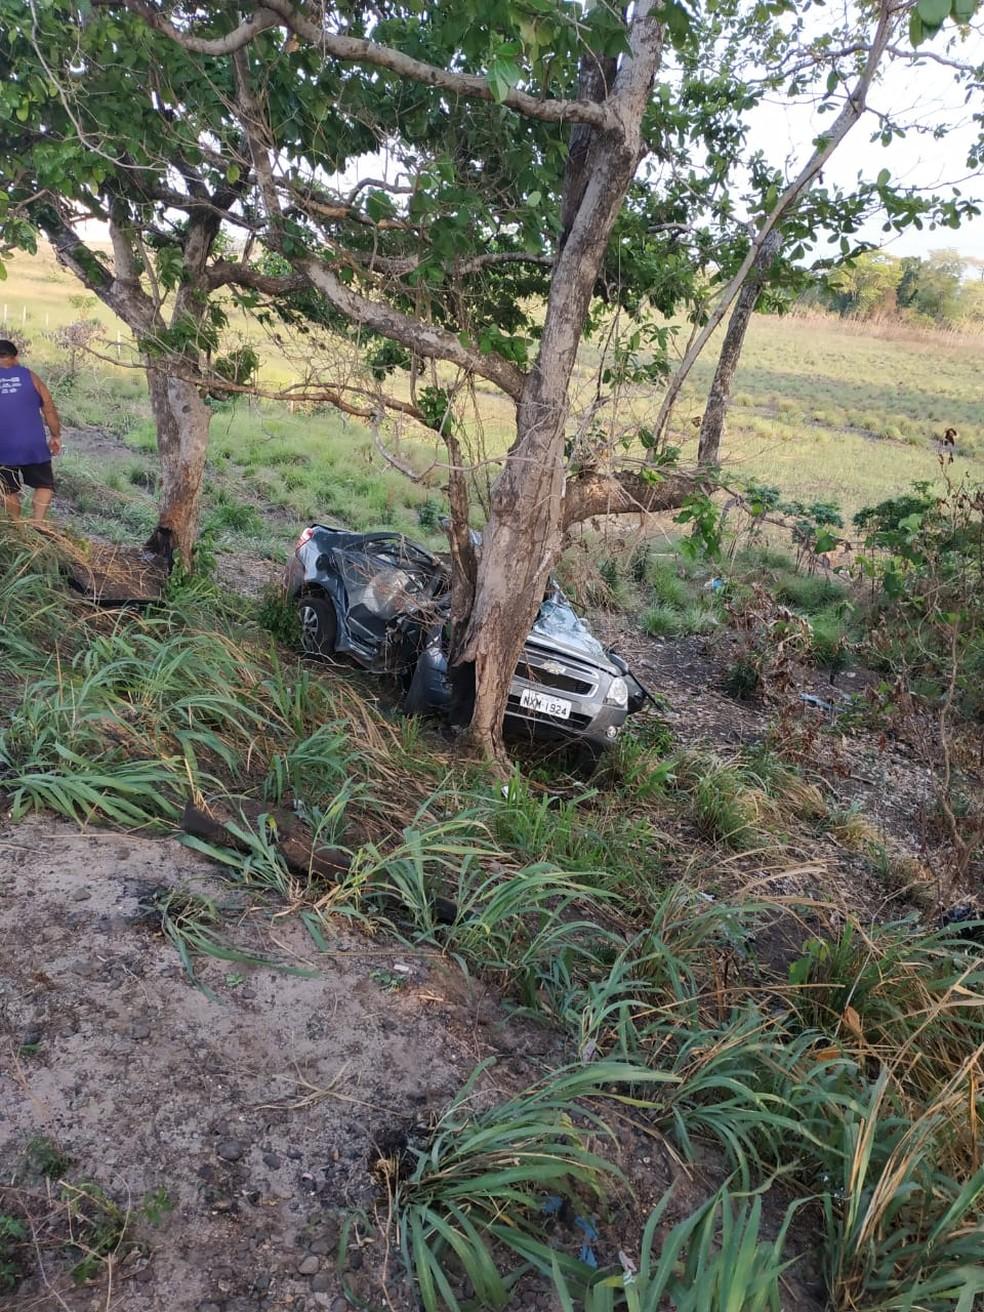 Veículo bate em árvore e deixa tio e sobrinho mortos na BR-222 — Foto: Divulgação/Polícia Rodoviária Federal